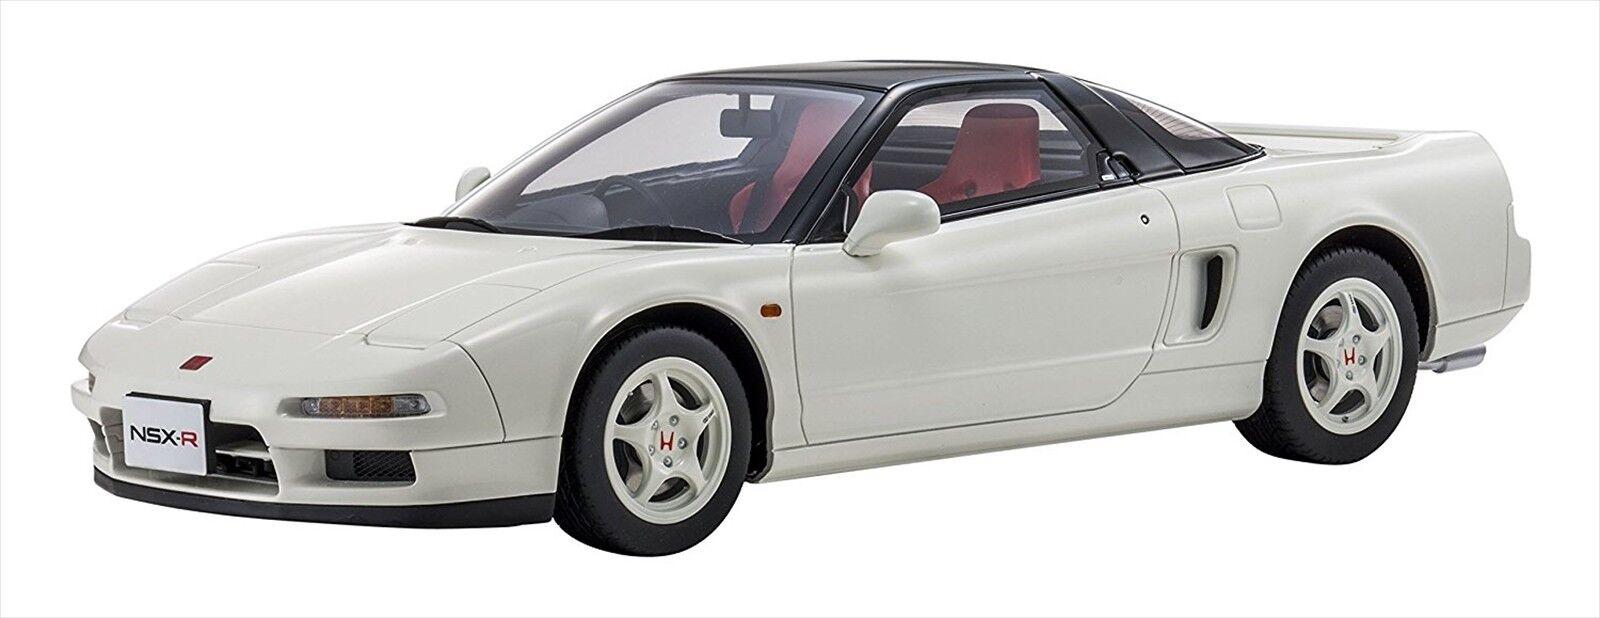 Kyosho Samurai 1 12 HONDA NSX TYPE R Blanc KSR12003W résine voiture modèle EMS nouveau